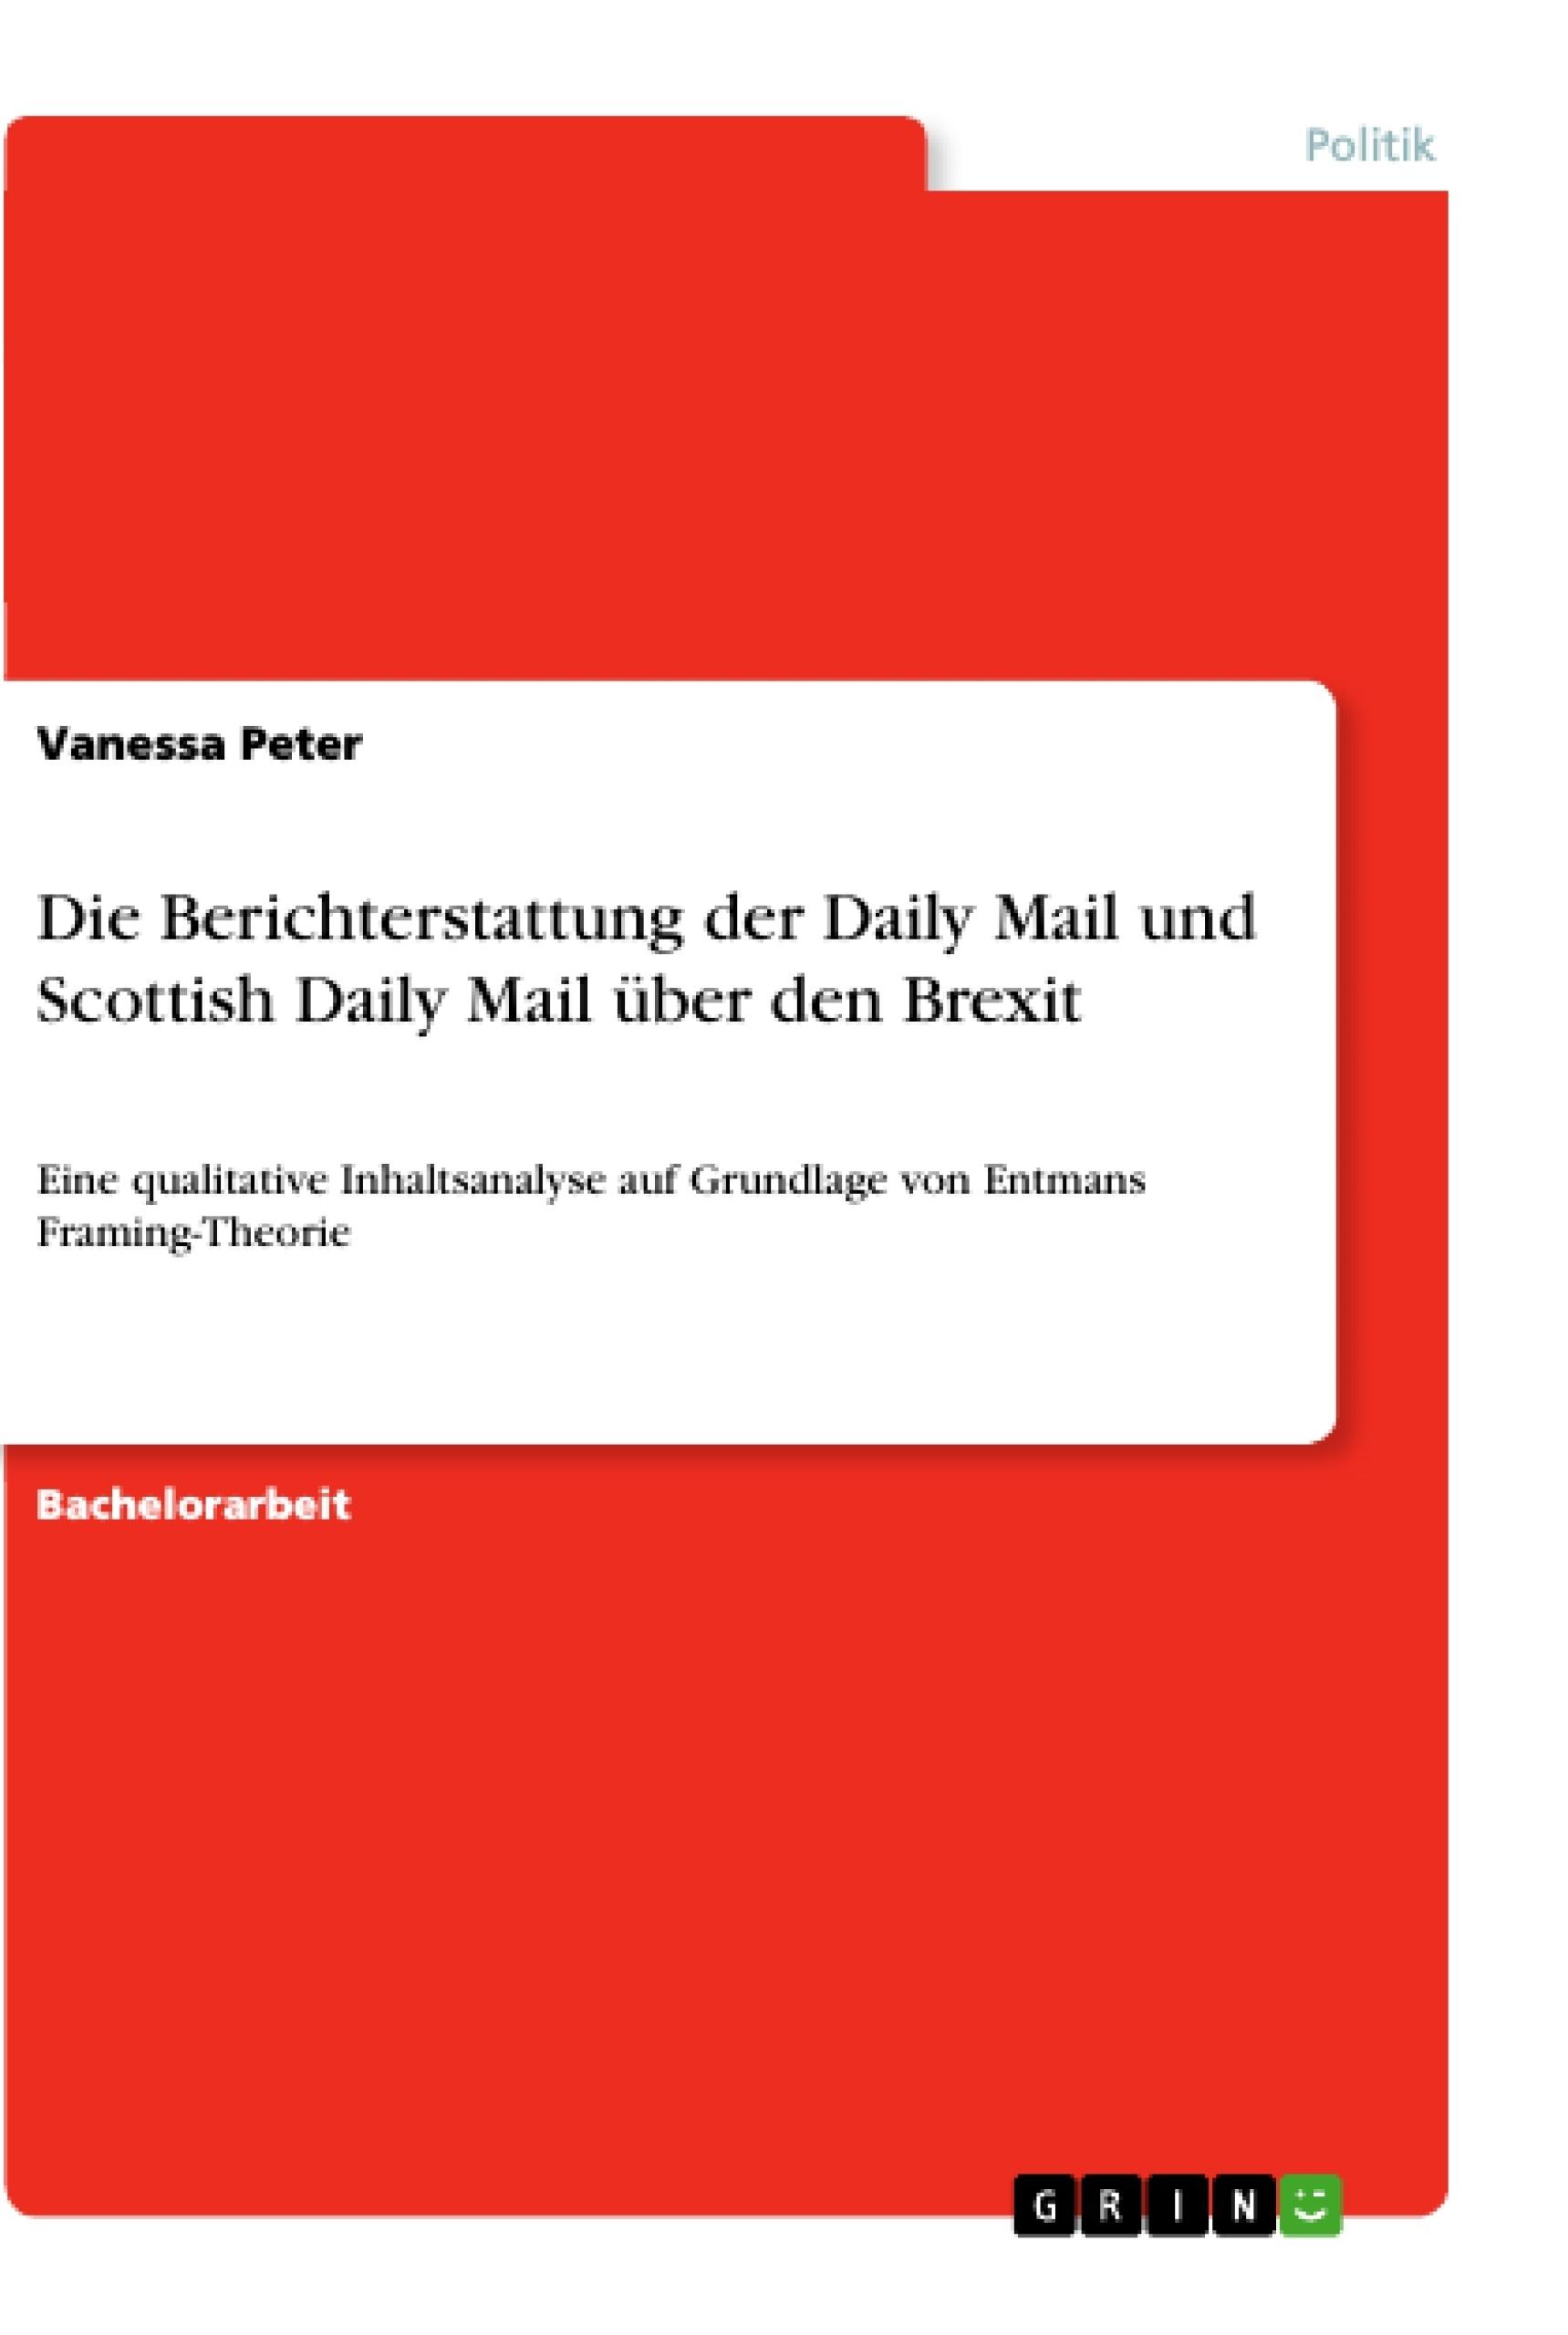 Titel: Die Berichterstattung der Daily Mail und Scottish Daily Mail über den Brexit